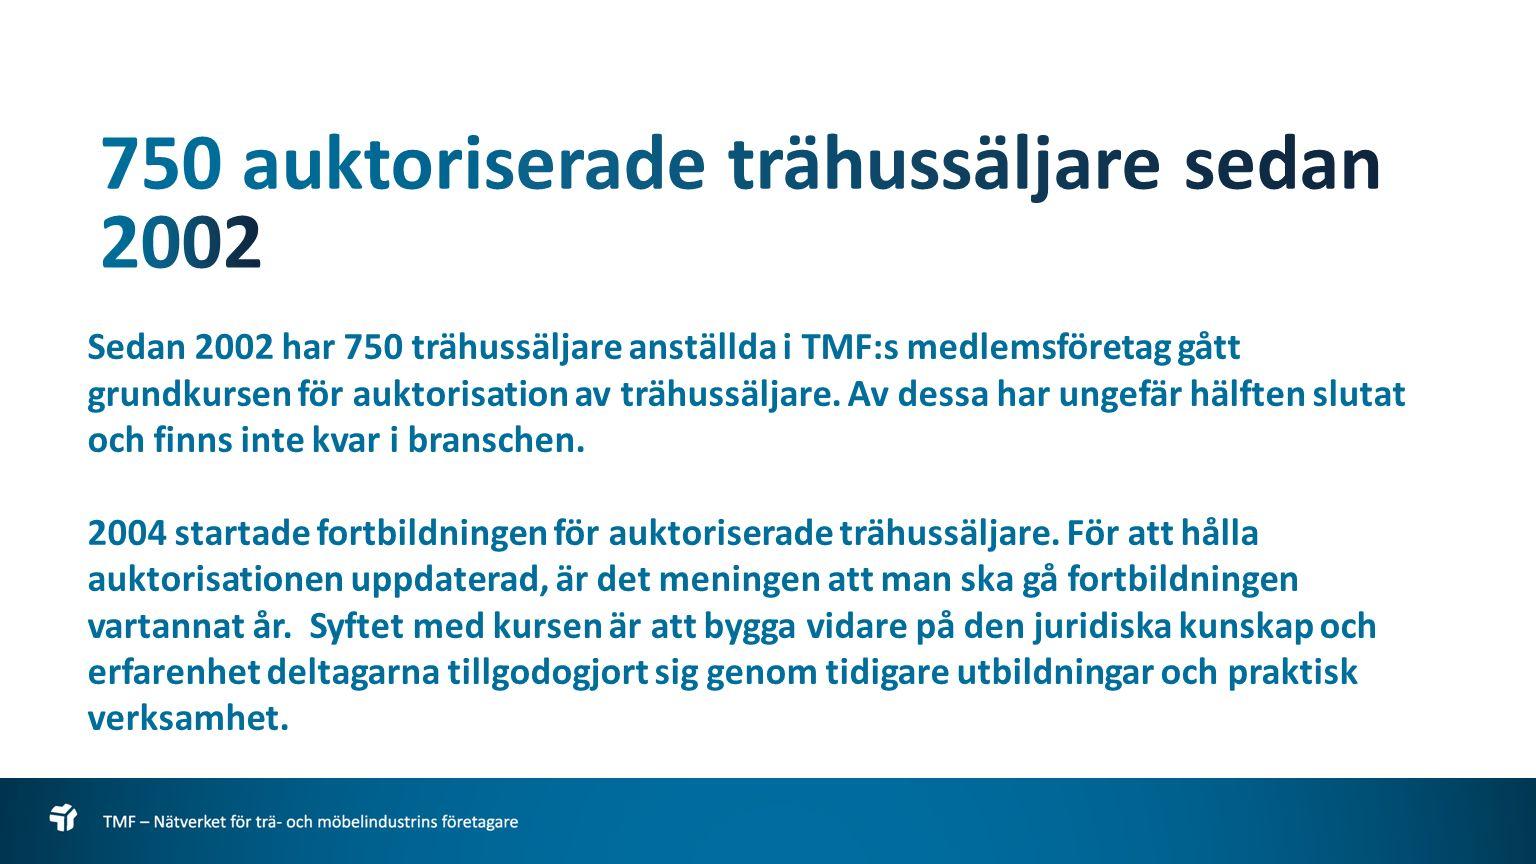 Sedan 2002 har 750 trähussäljare anställda i TMF:s medlemsföretag gått grundkursen för auktorisation av trähussäljare.